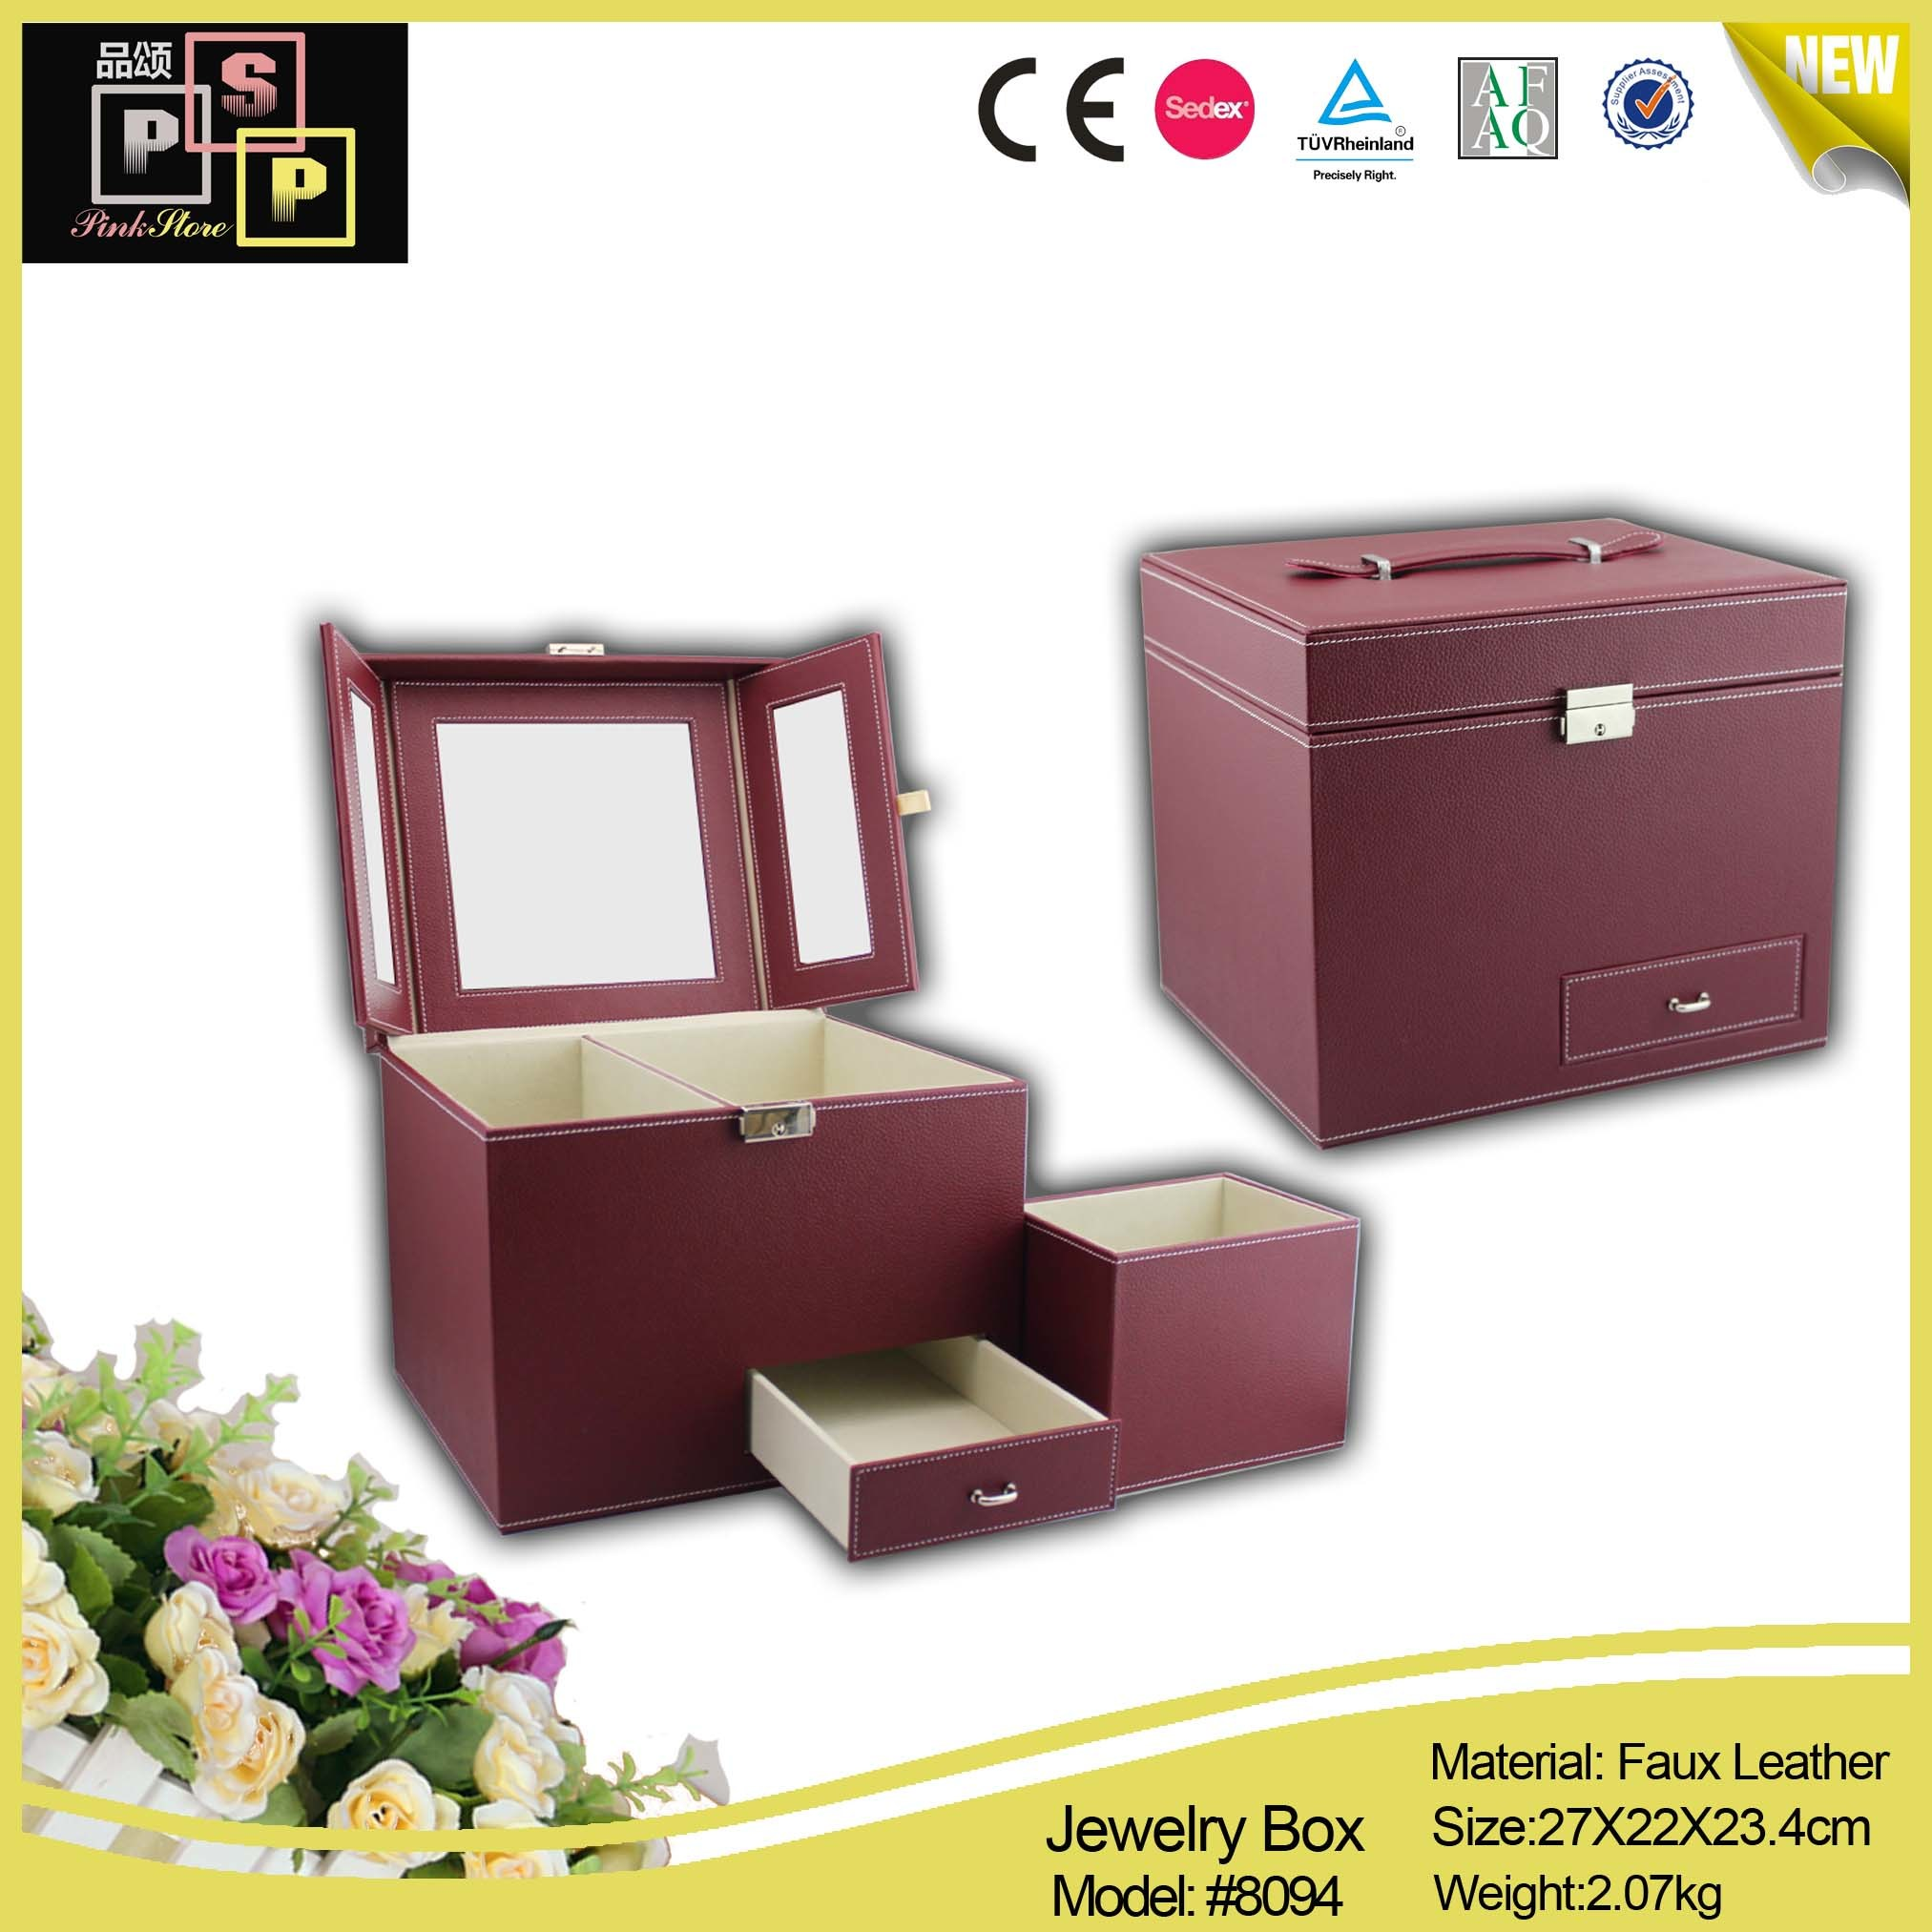 Multi- Mirrored Daily Cosmetics Organizer Cosmetic Case (8094)